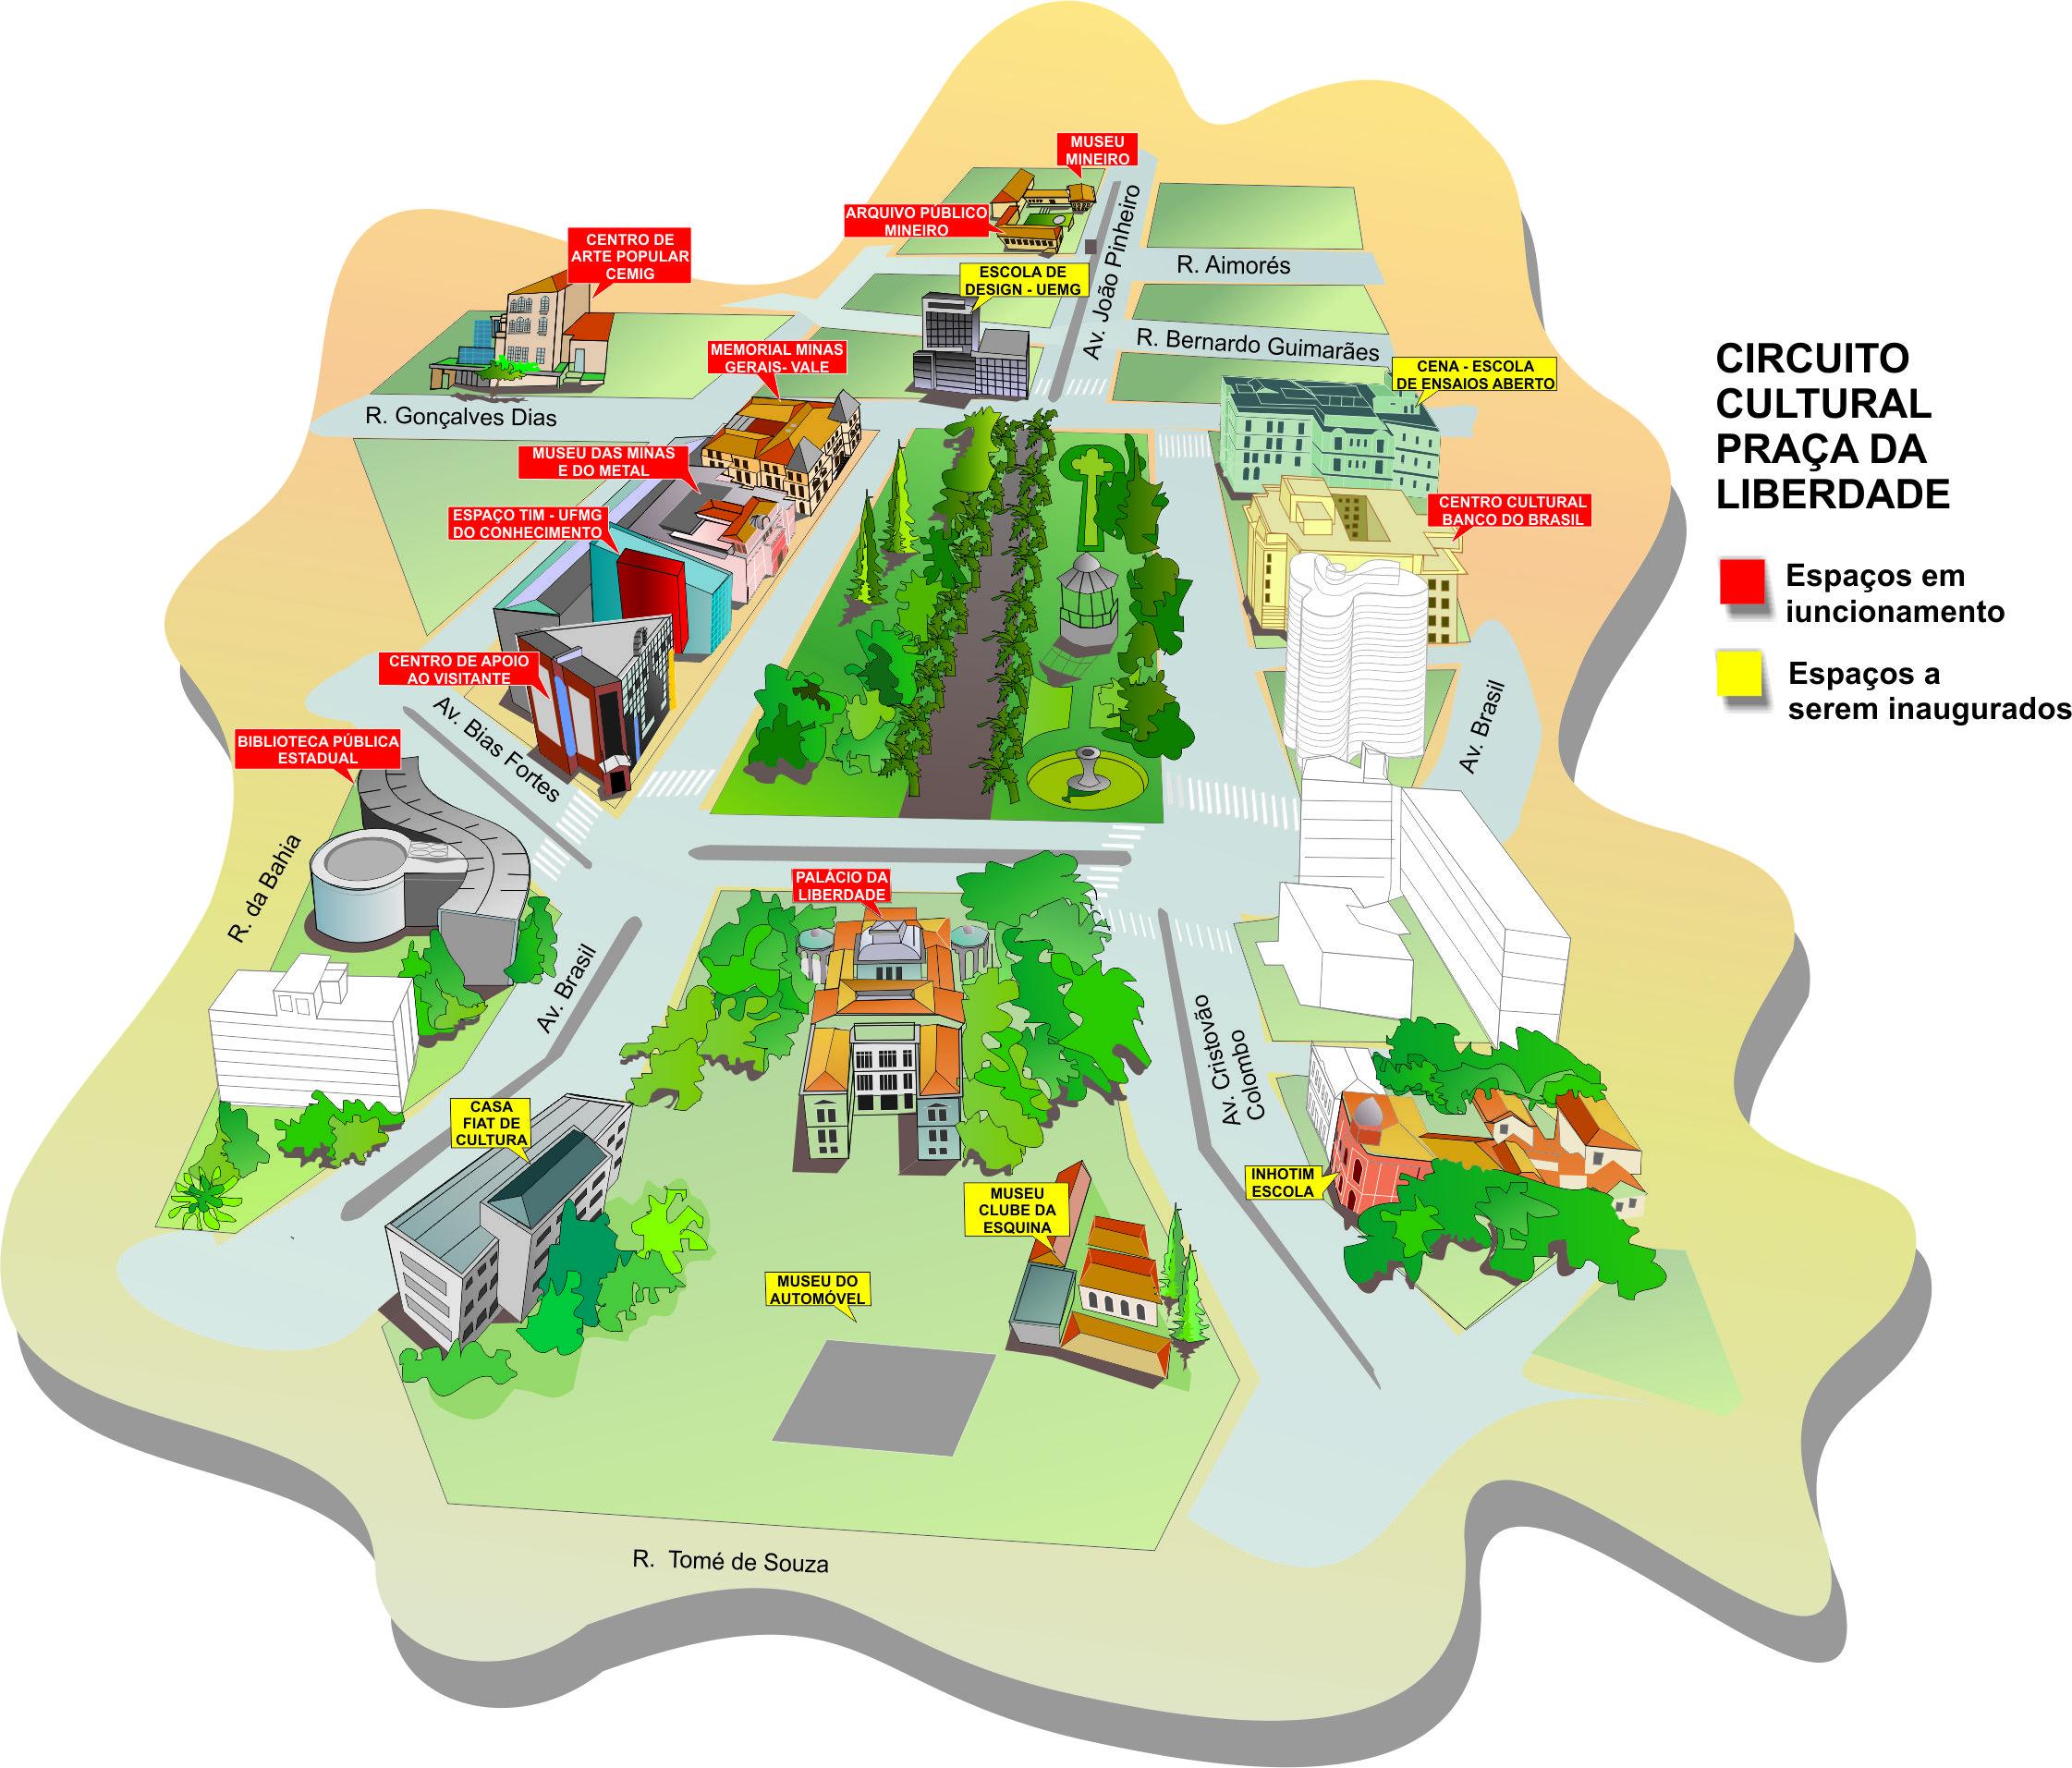 Mapa-do-Circuito-Cult-Pça-Liberdade_com-legenda_Ilustracao-Julio-Palhares